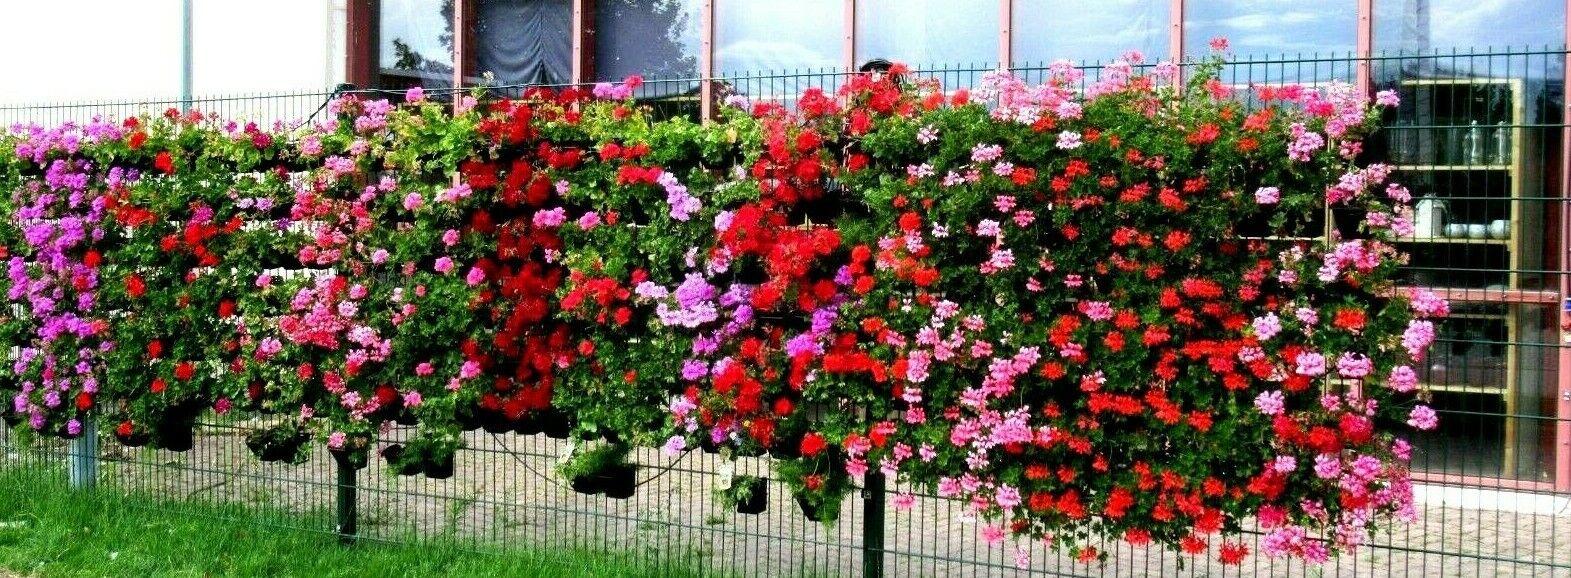 100 xBlaumentöpfe für Zaunbegrünung Sichtschutzzaun Hängepflanztopf